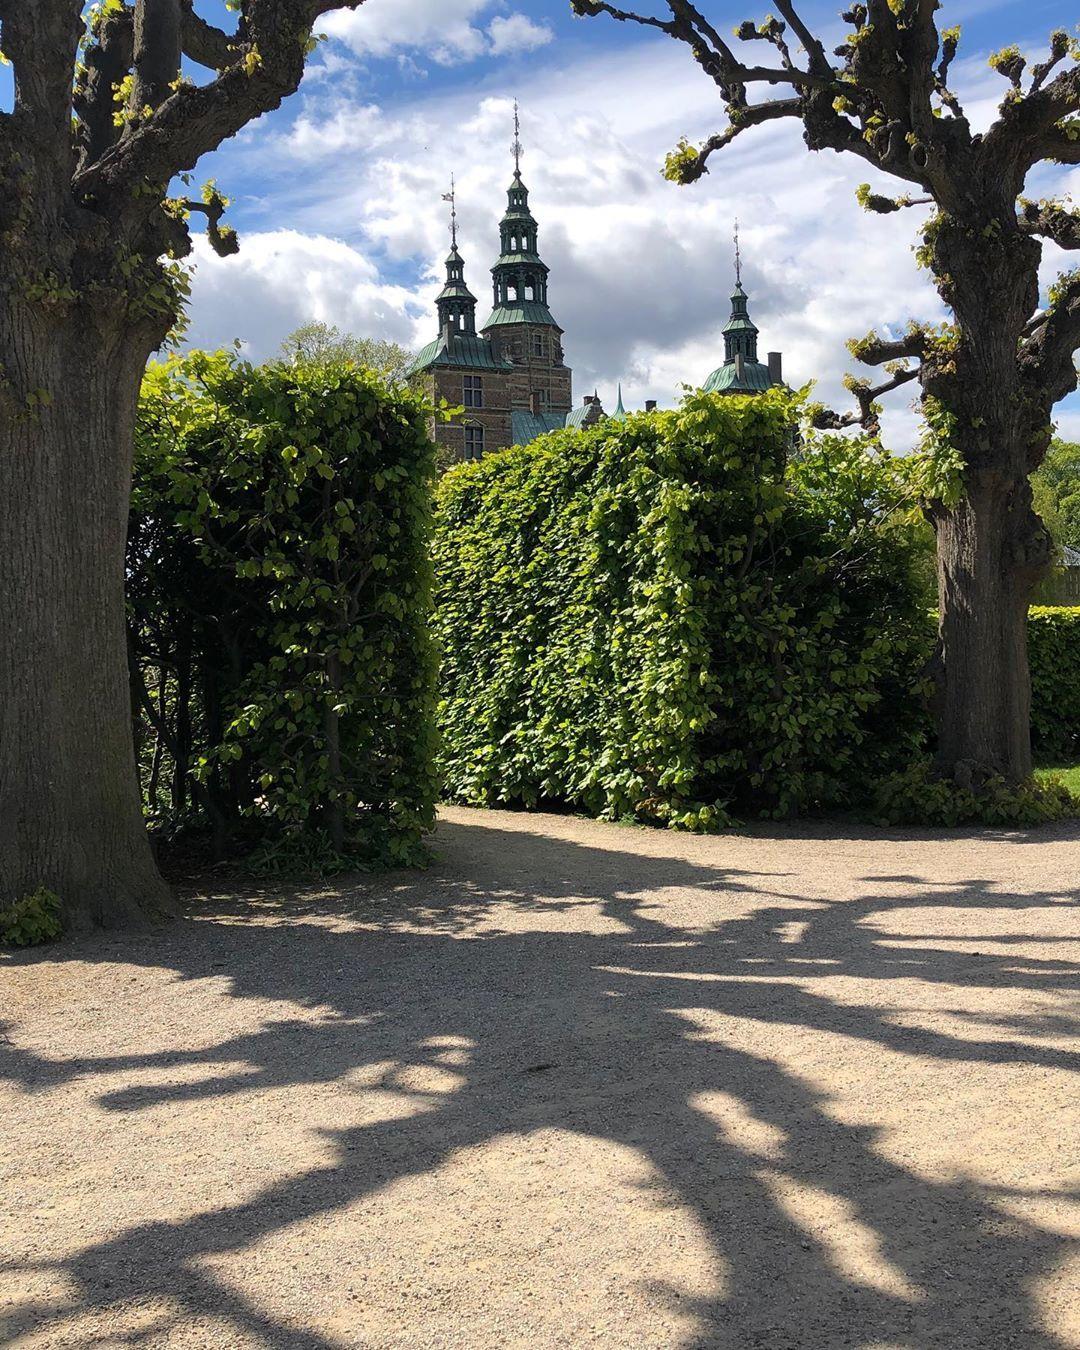 Rosenborgcastle Rosenborg Rosenborgslot Schloss Schloss Castle Parka Parks Hecke Schatten Danemark Danemark Kope Gartengestaltung Parks Garten